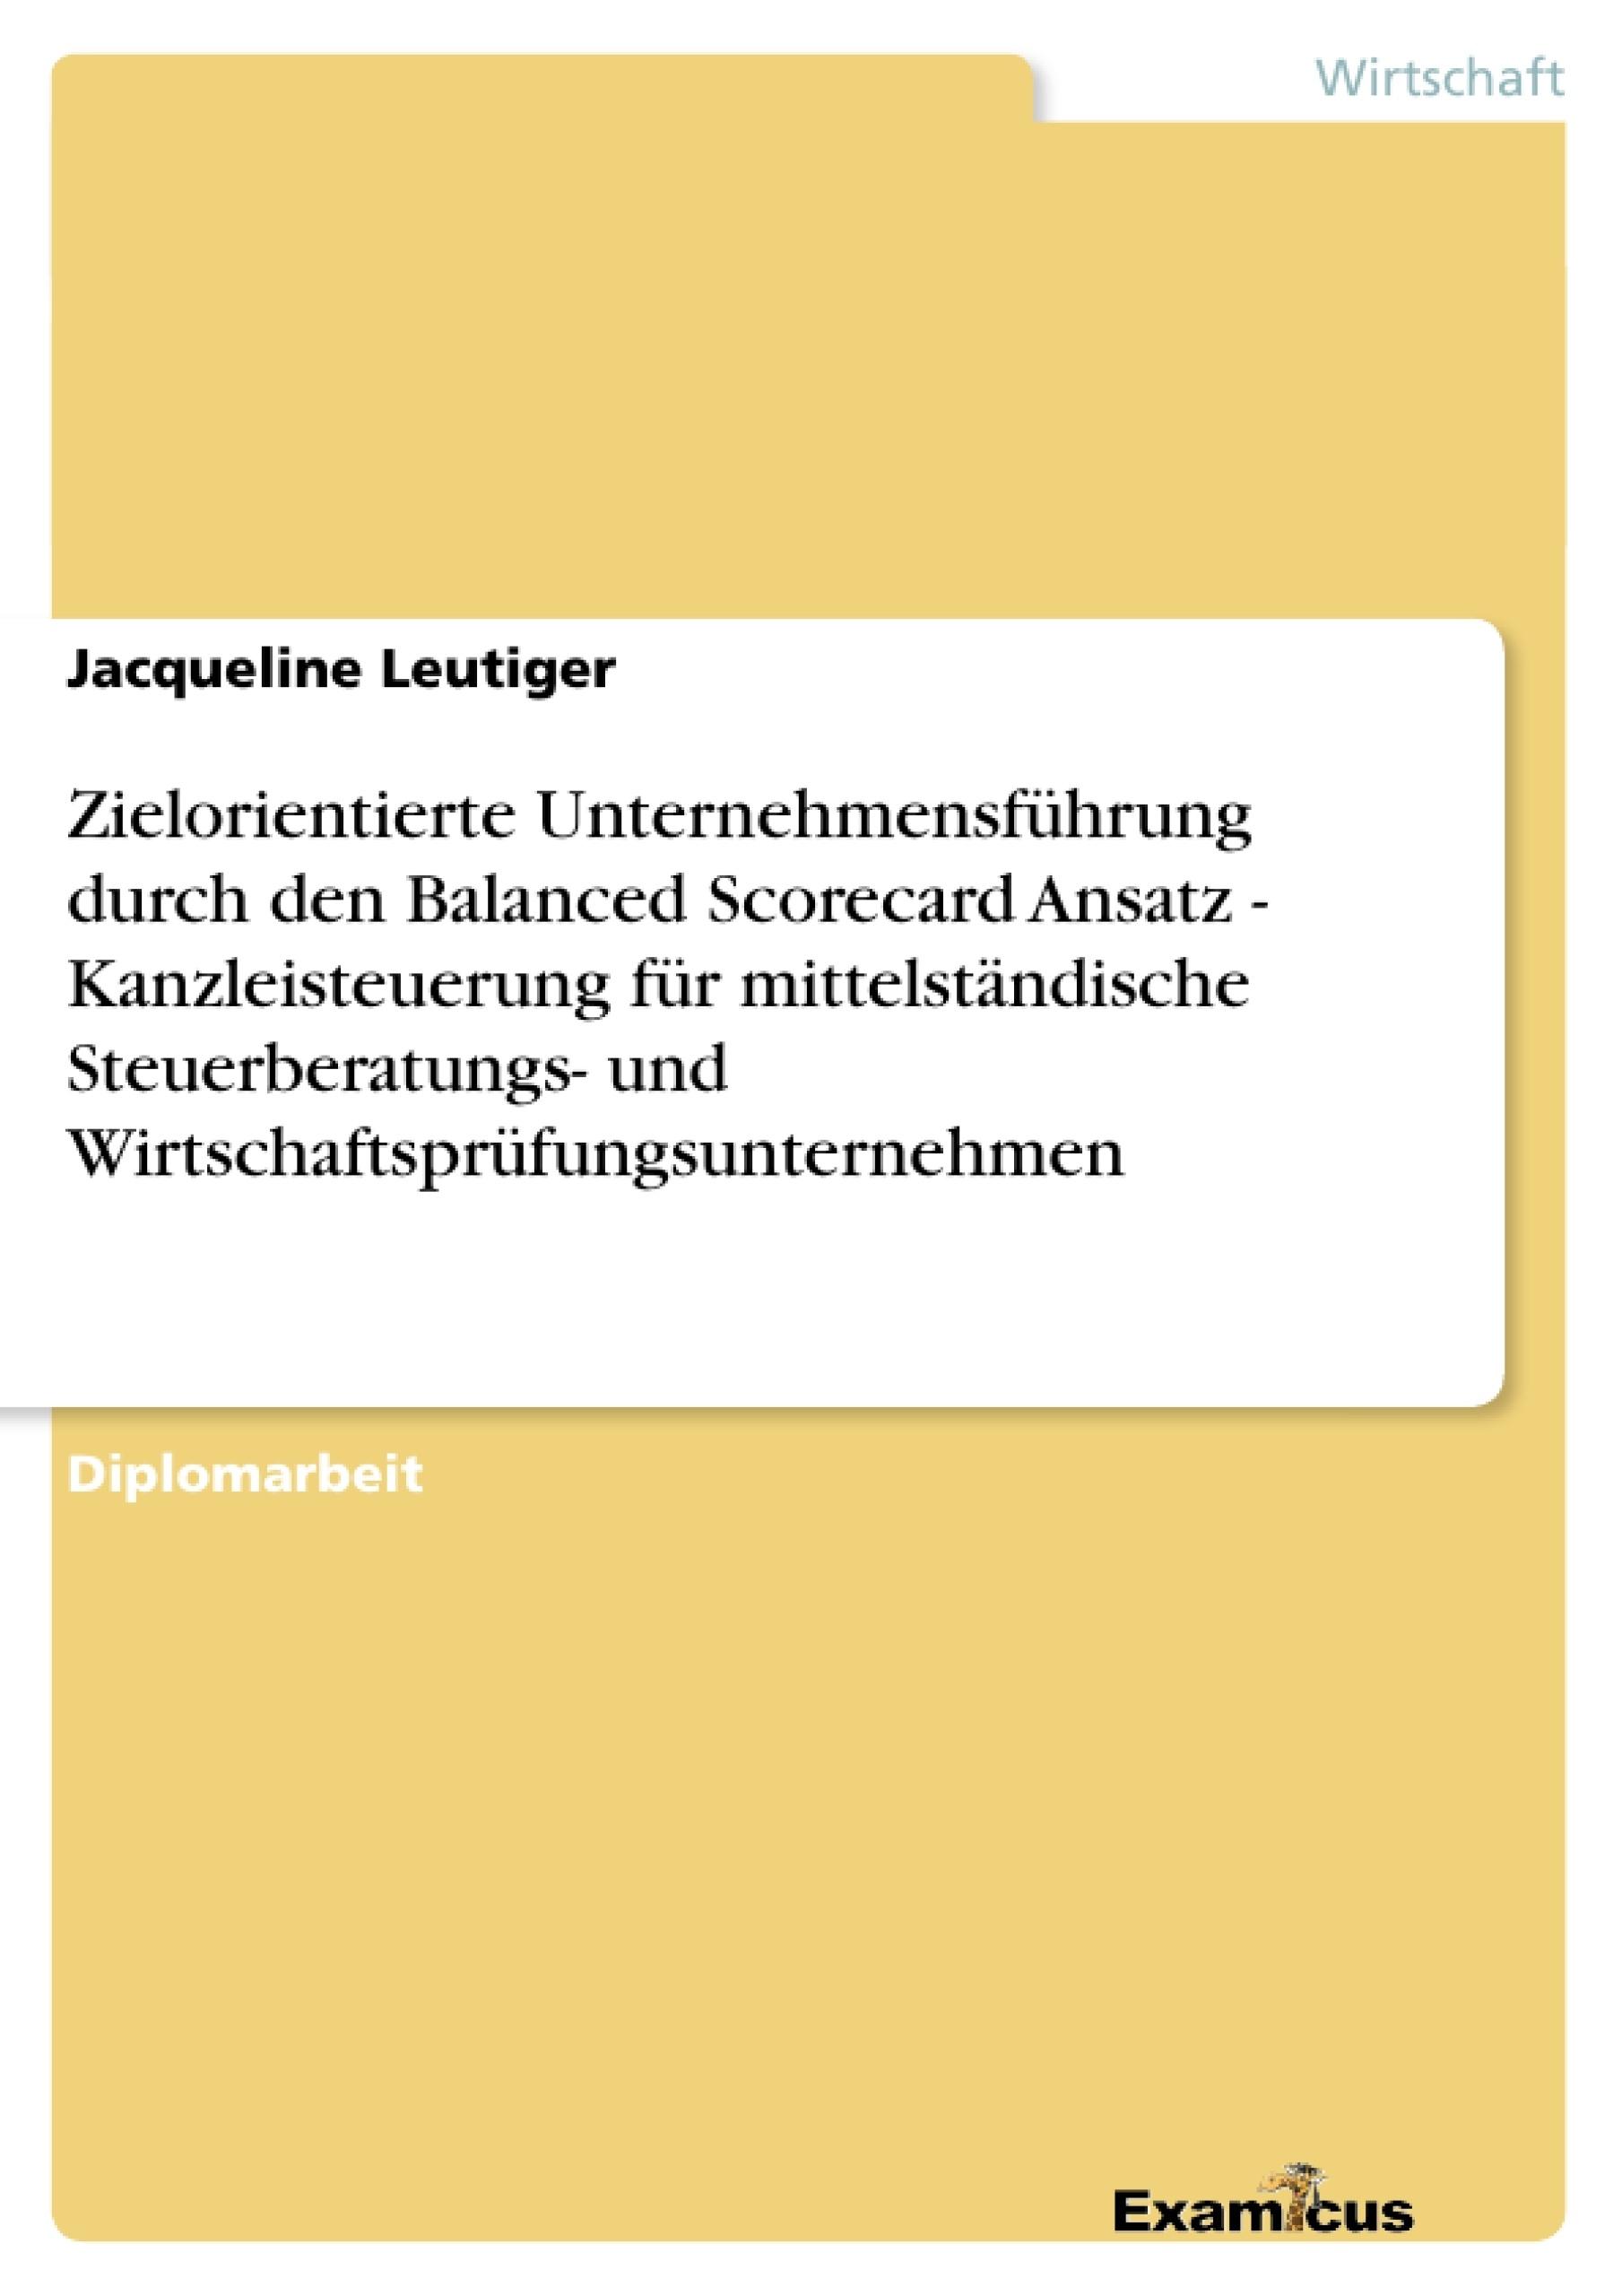 Titel: Zielorientierte Unternehmensführung durch den Balanced Scorecard Ansatz - Kanzleisteuerung für mittelständische Steuerberatungs- undWirtschaftsprüfungsunternehmen